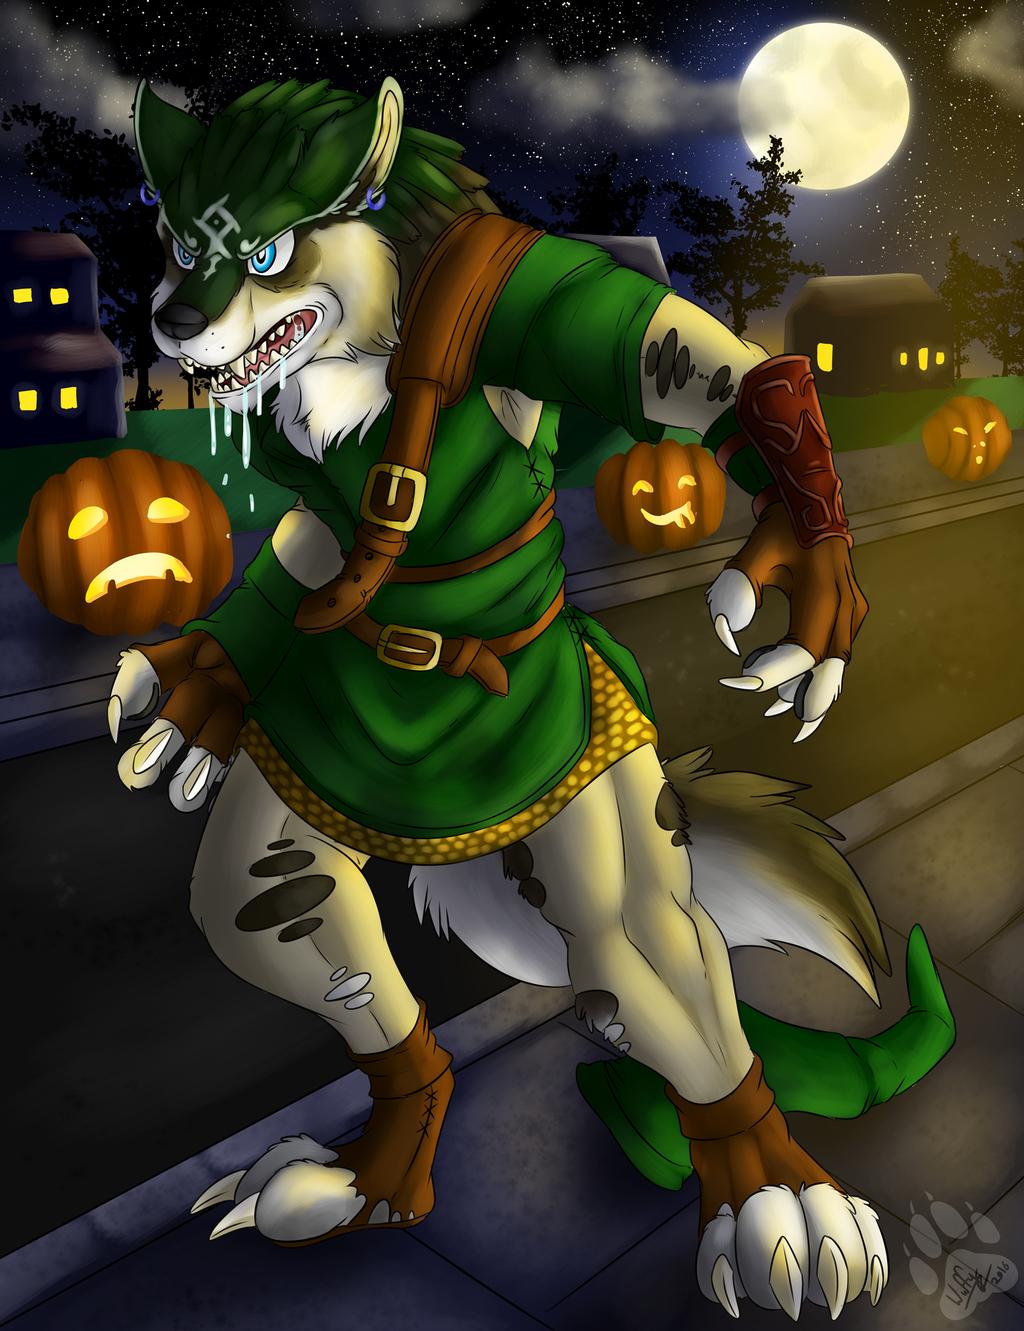 The Cursed Costume